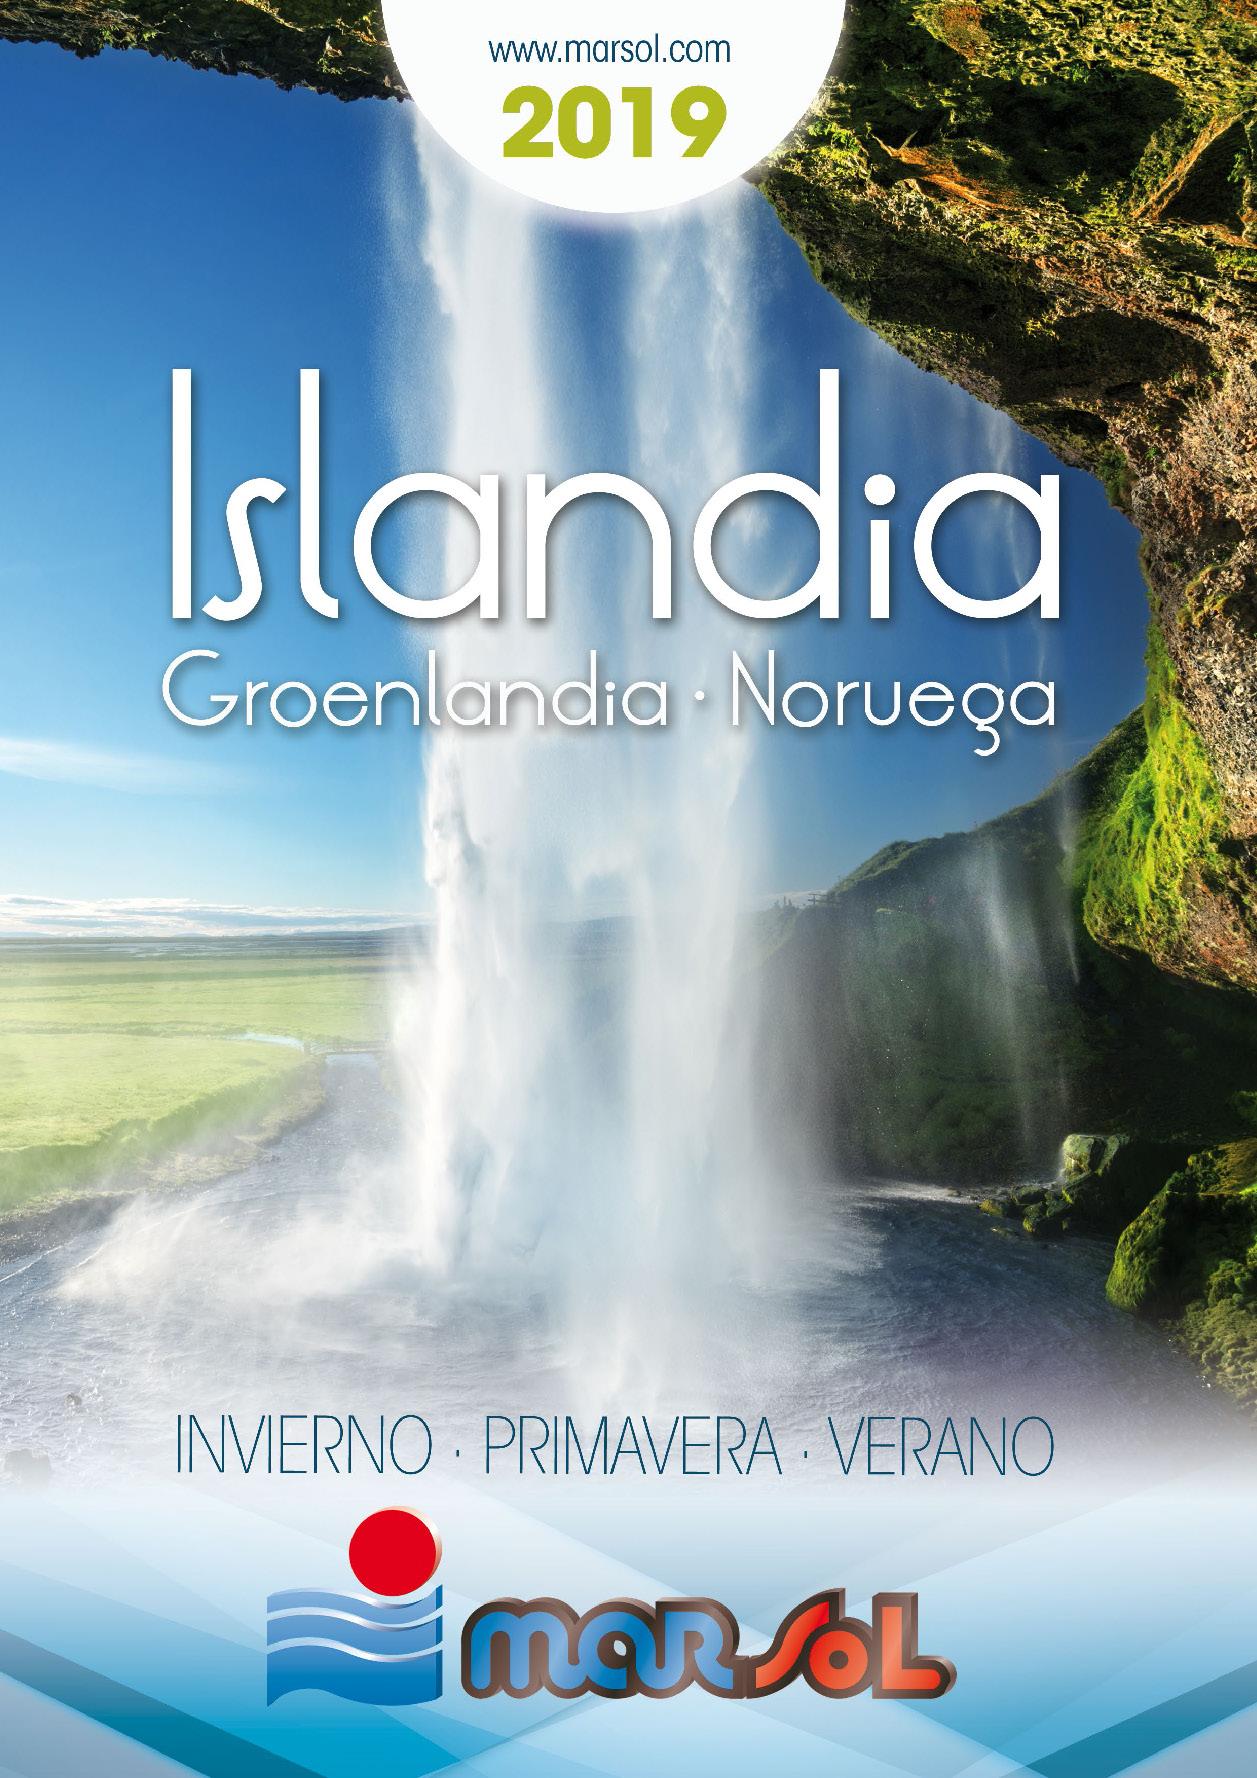 Catalogo Marsol Islandia Noruega y Groenlandia 2019